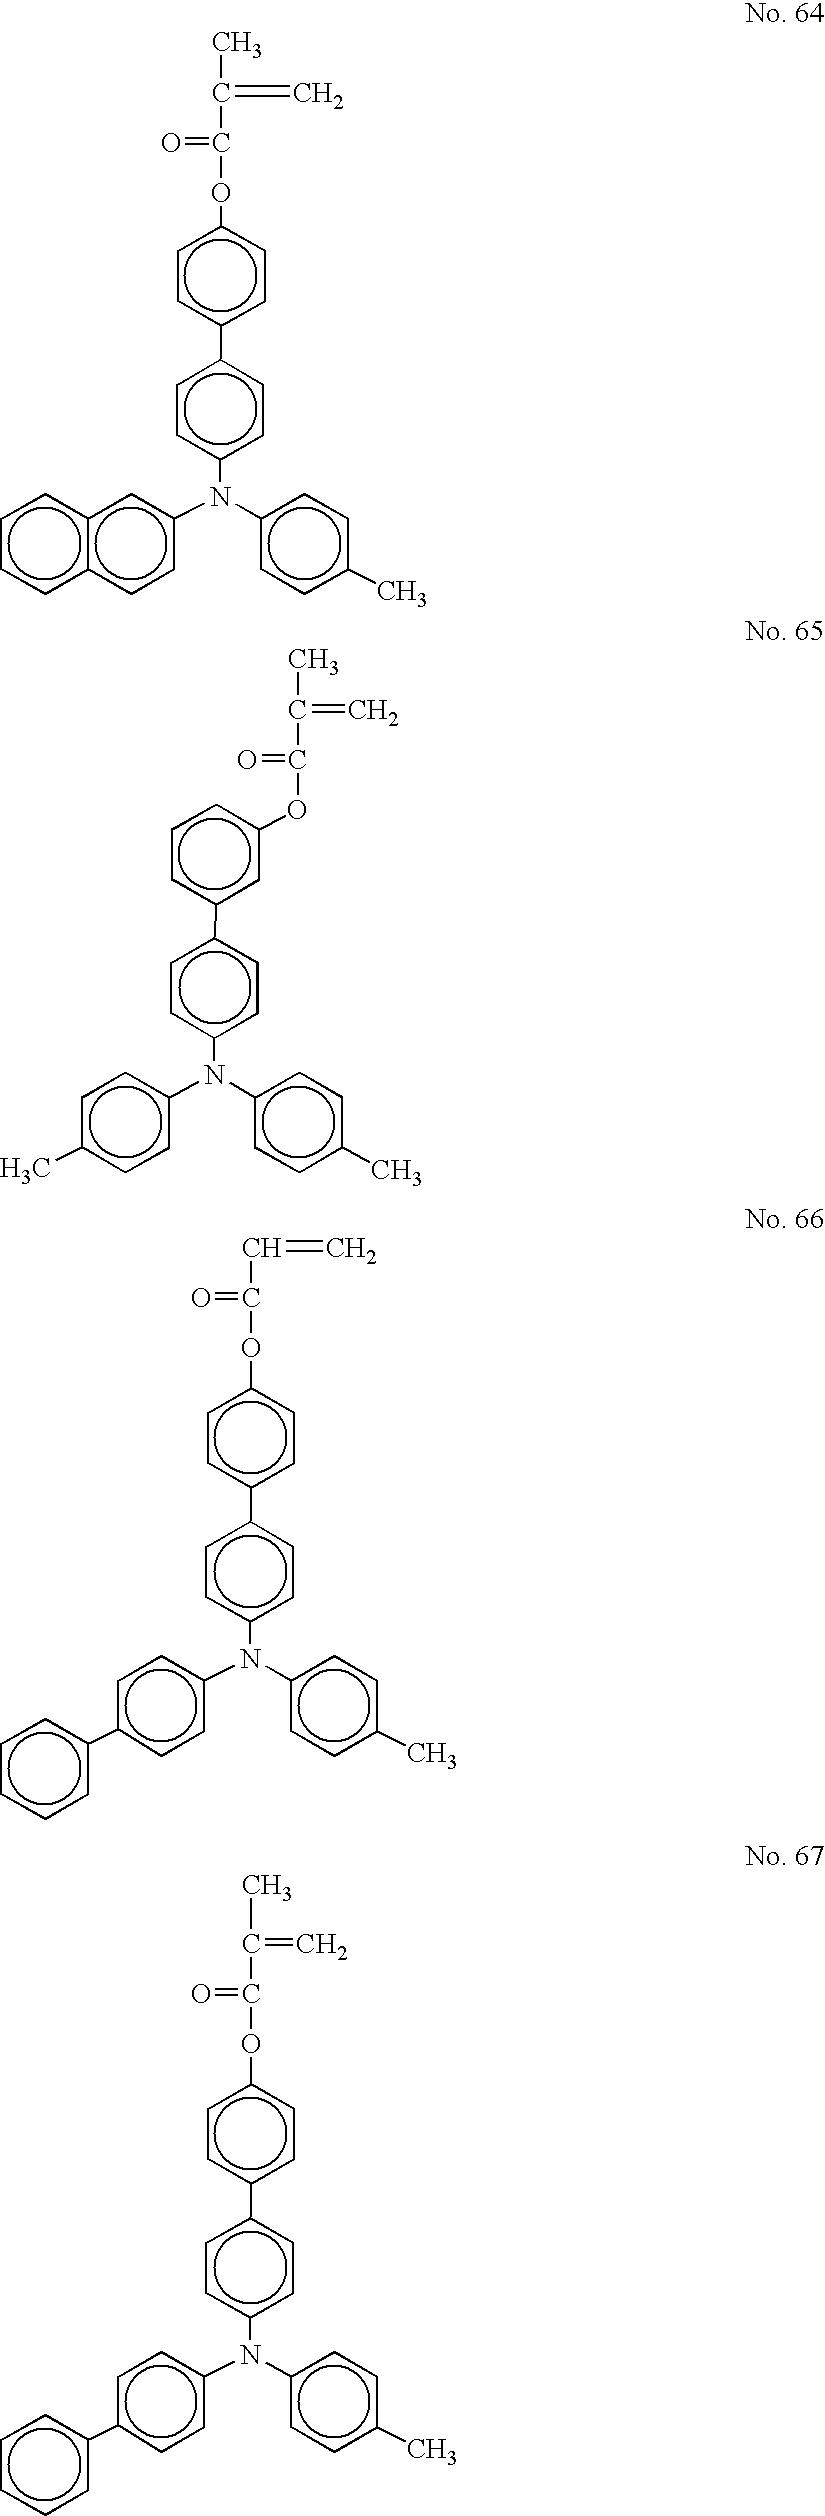 Figure US20070059619A1-20070315-C00027